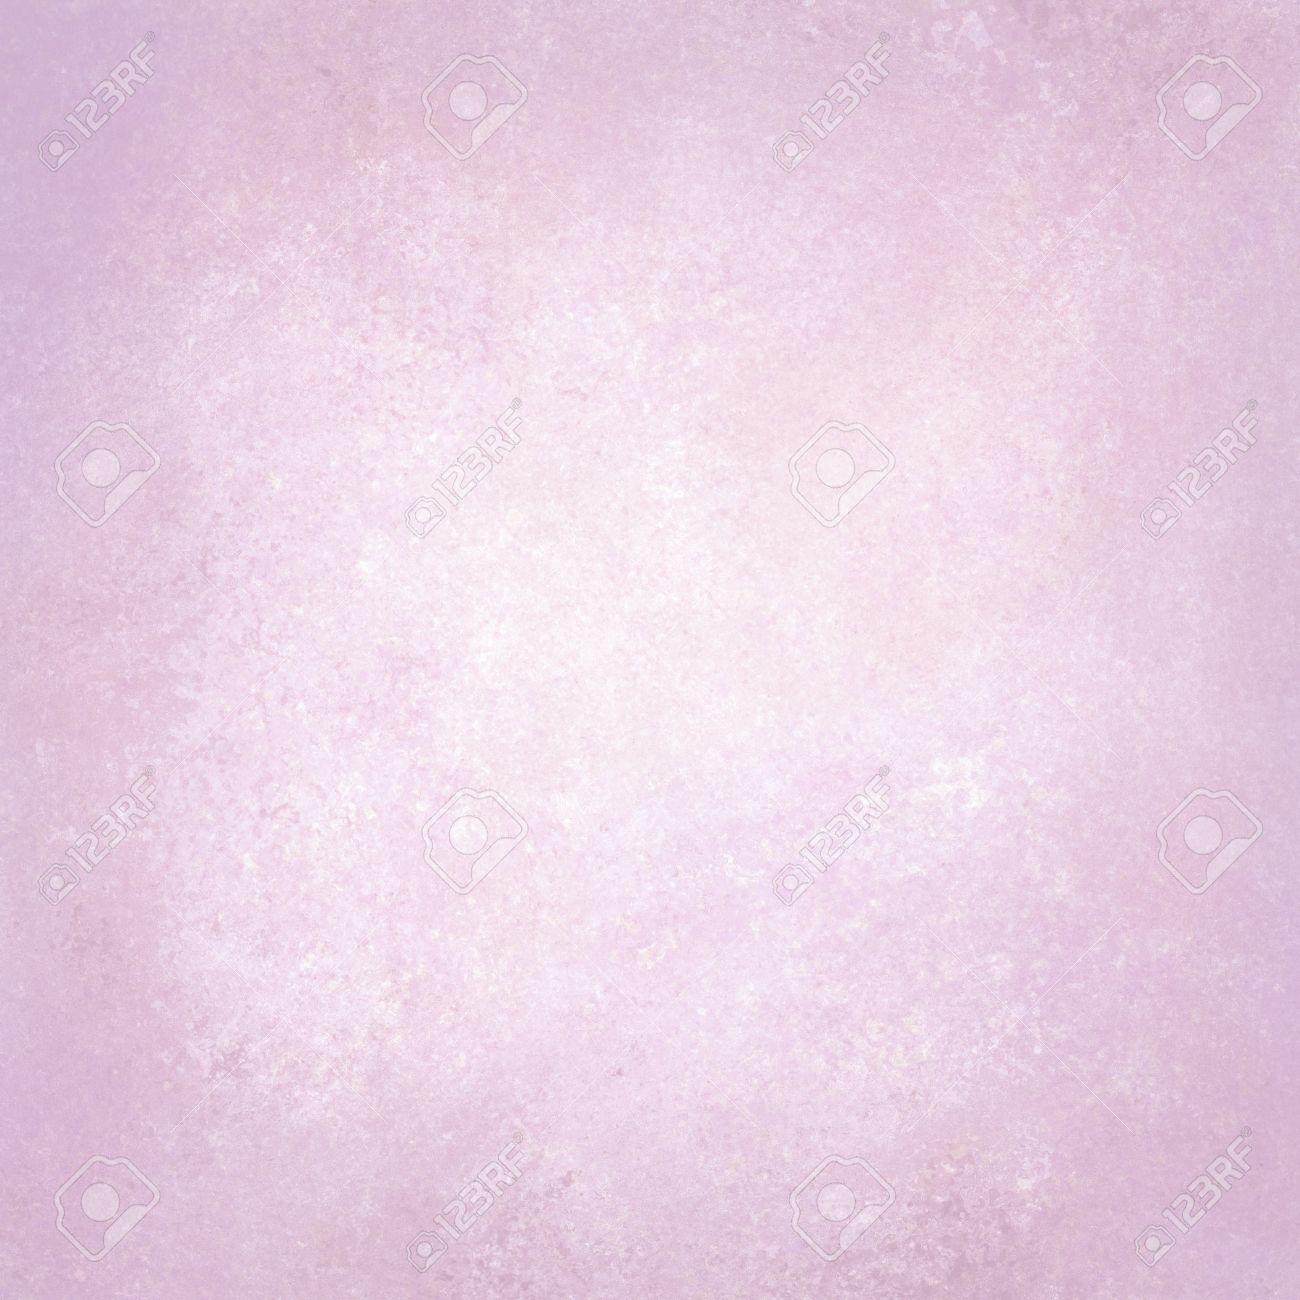 Fondo De Color Rosa Pastel Con Textura Débil Fotos, Retratos ...